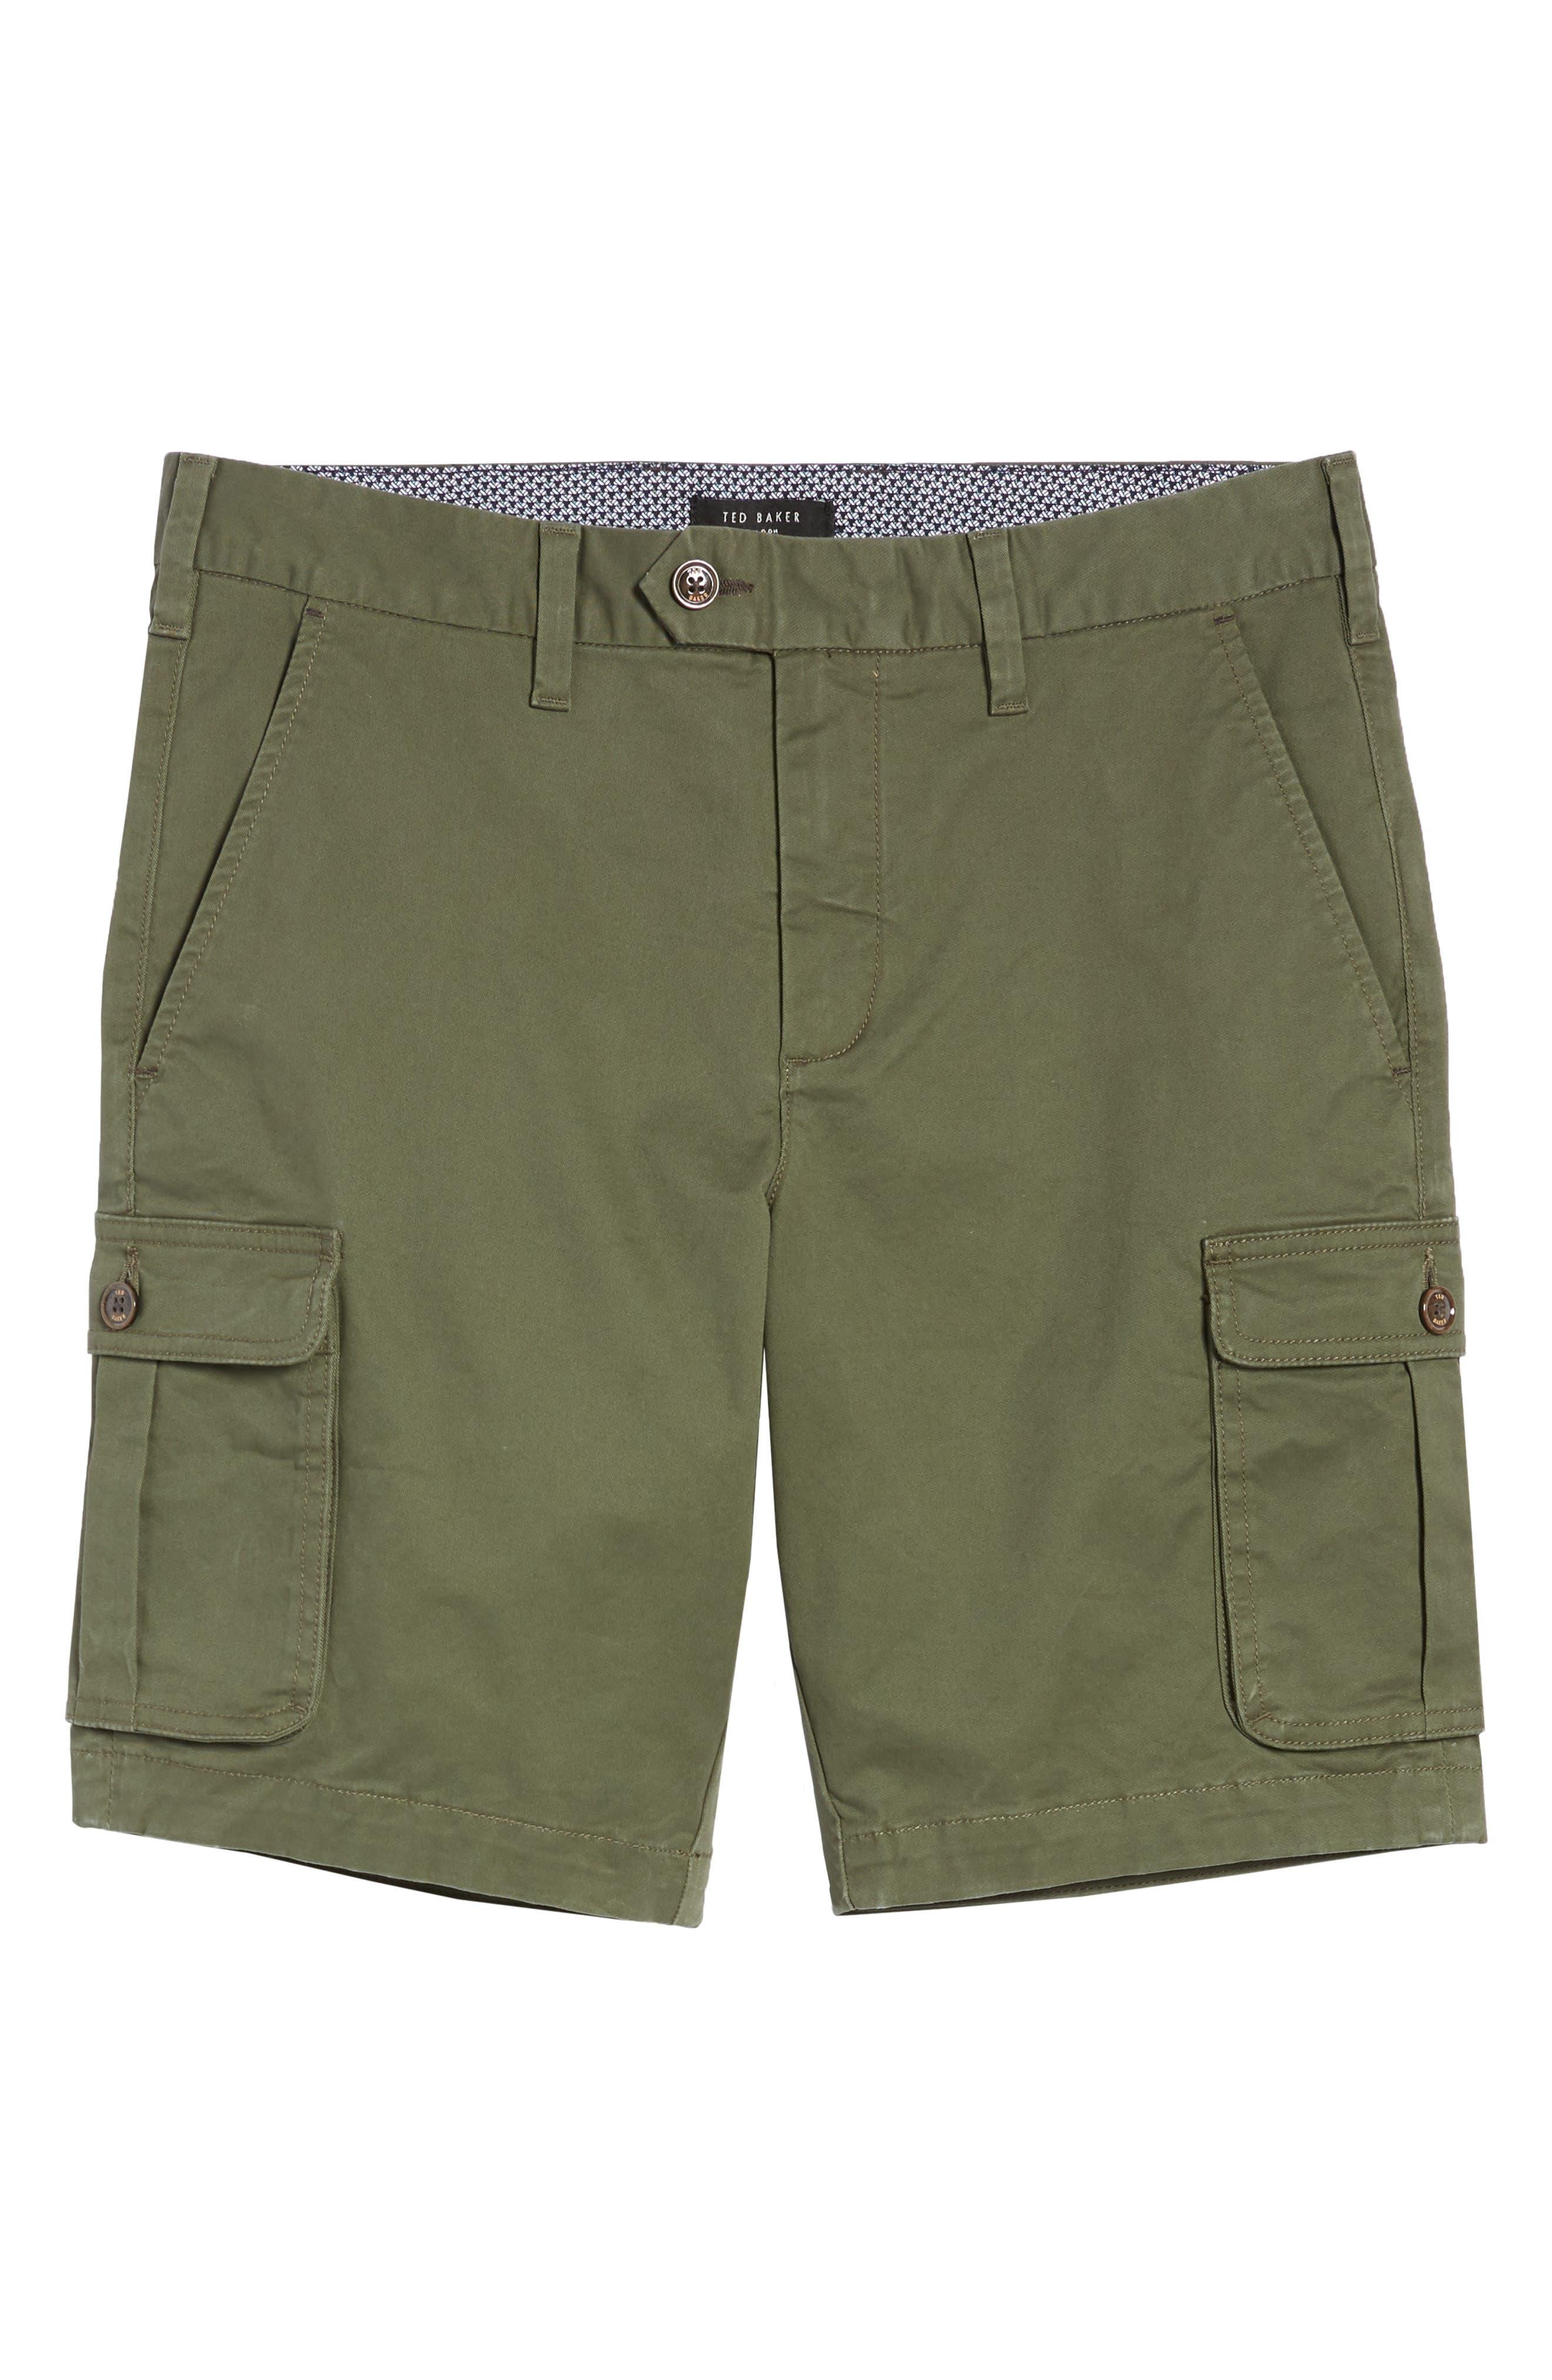 Ted Baker Cargogo Slim Fit Shorts,                             Alternate thumbnail 6, color,                             250